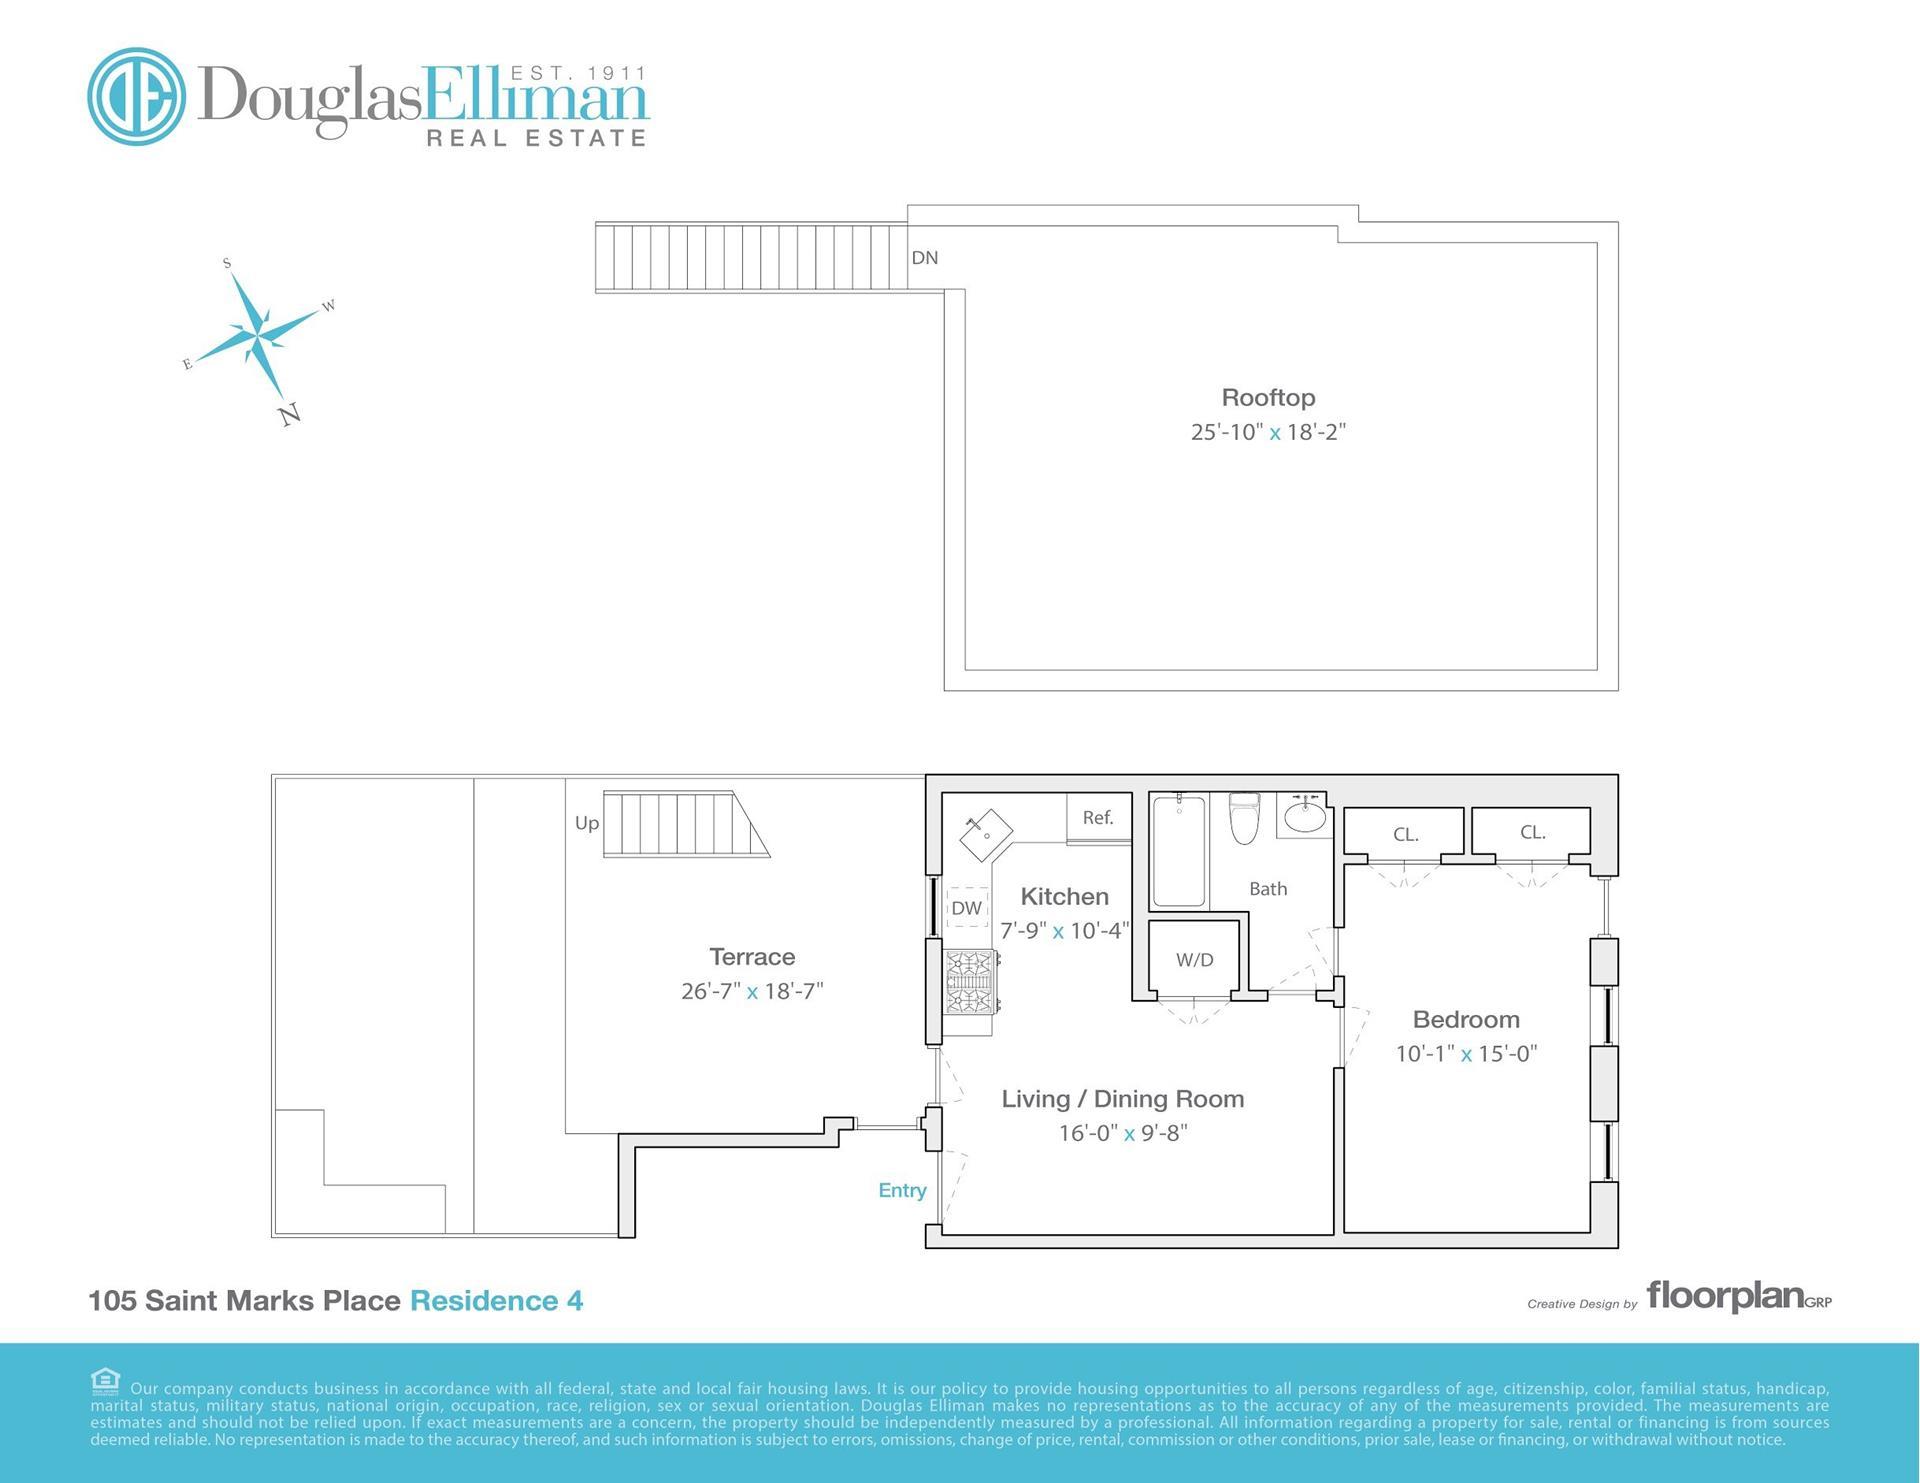 Floor plan of 105 St Marks Pl, 4 - Park Slope, New York